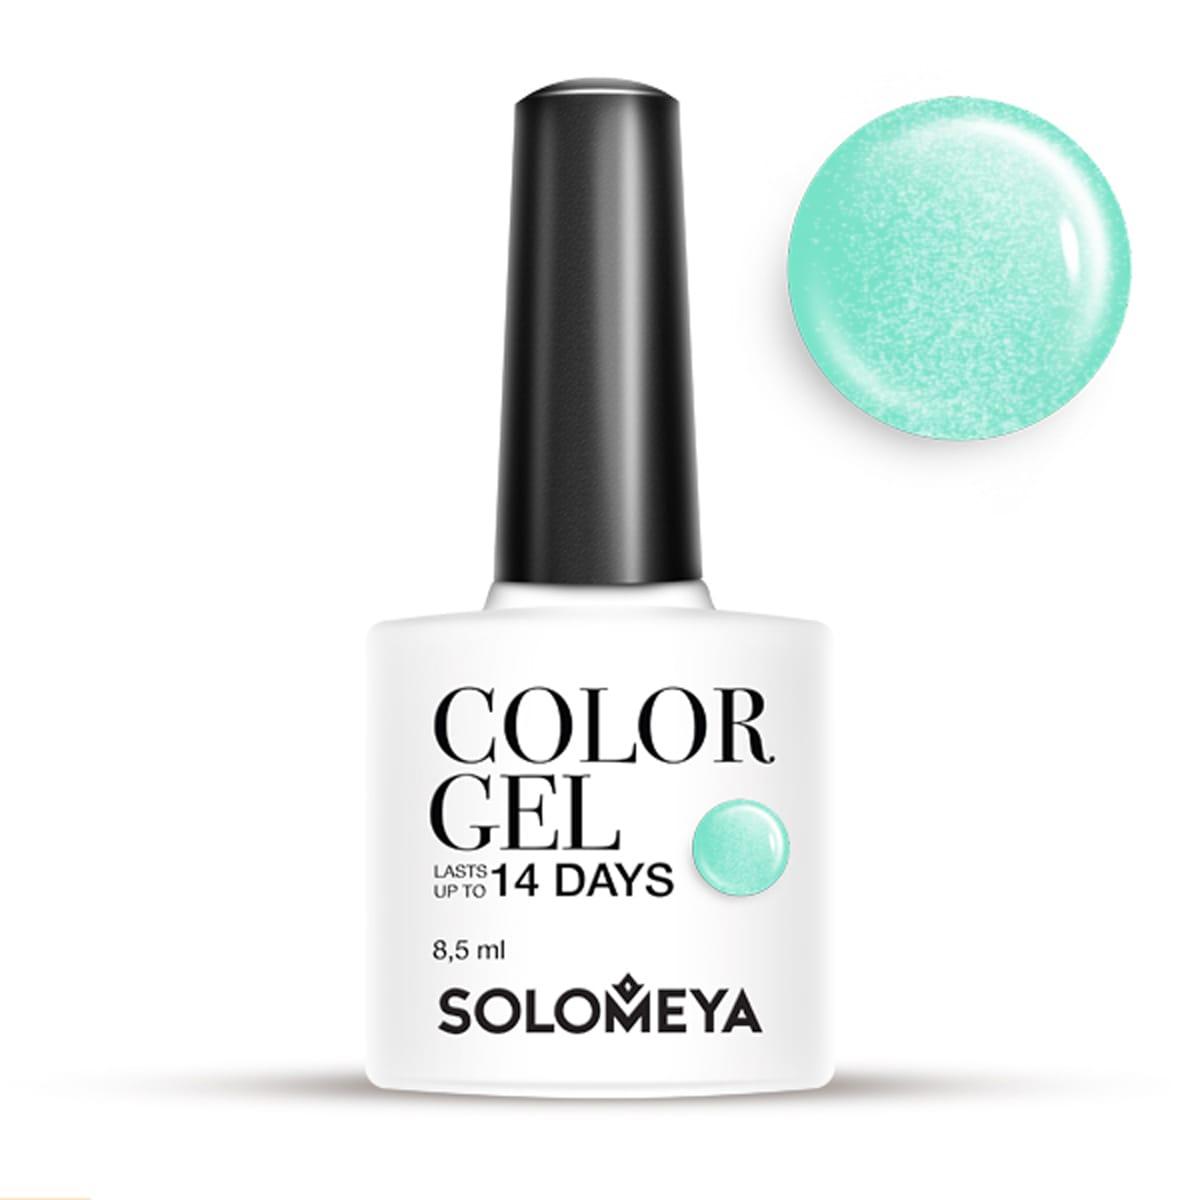 SOLOMEYA Гель-лак для ногтей SCG098 Мята / Color Gel Mint ,5 мл